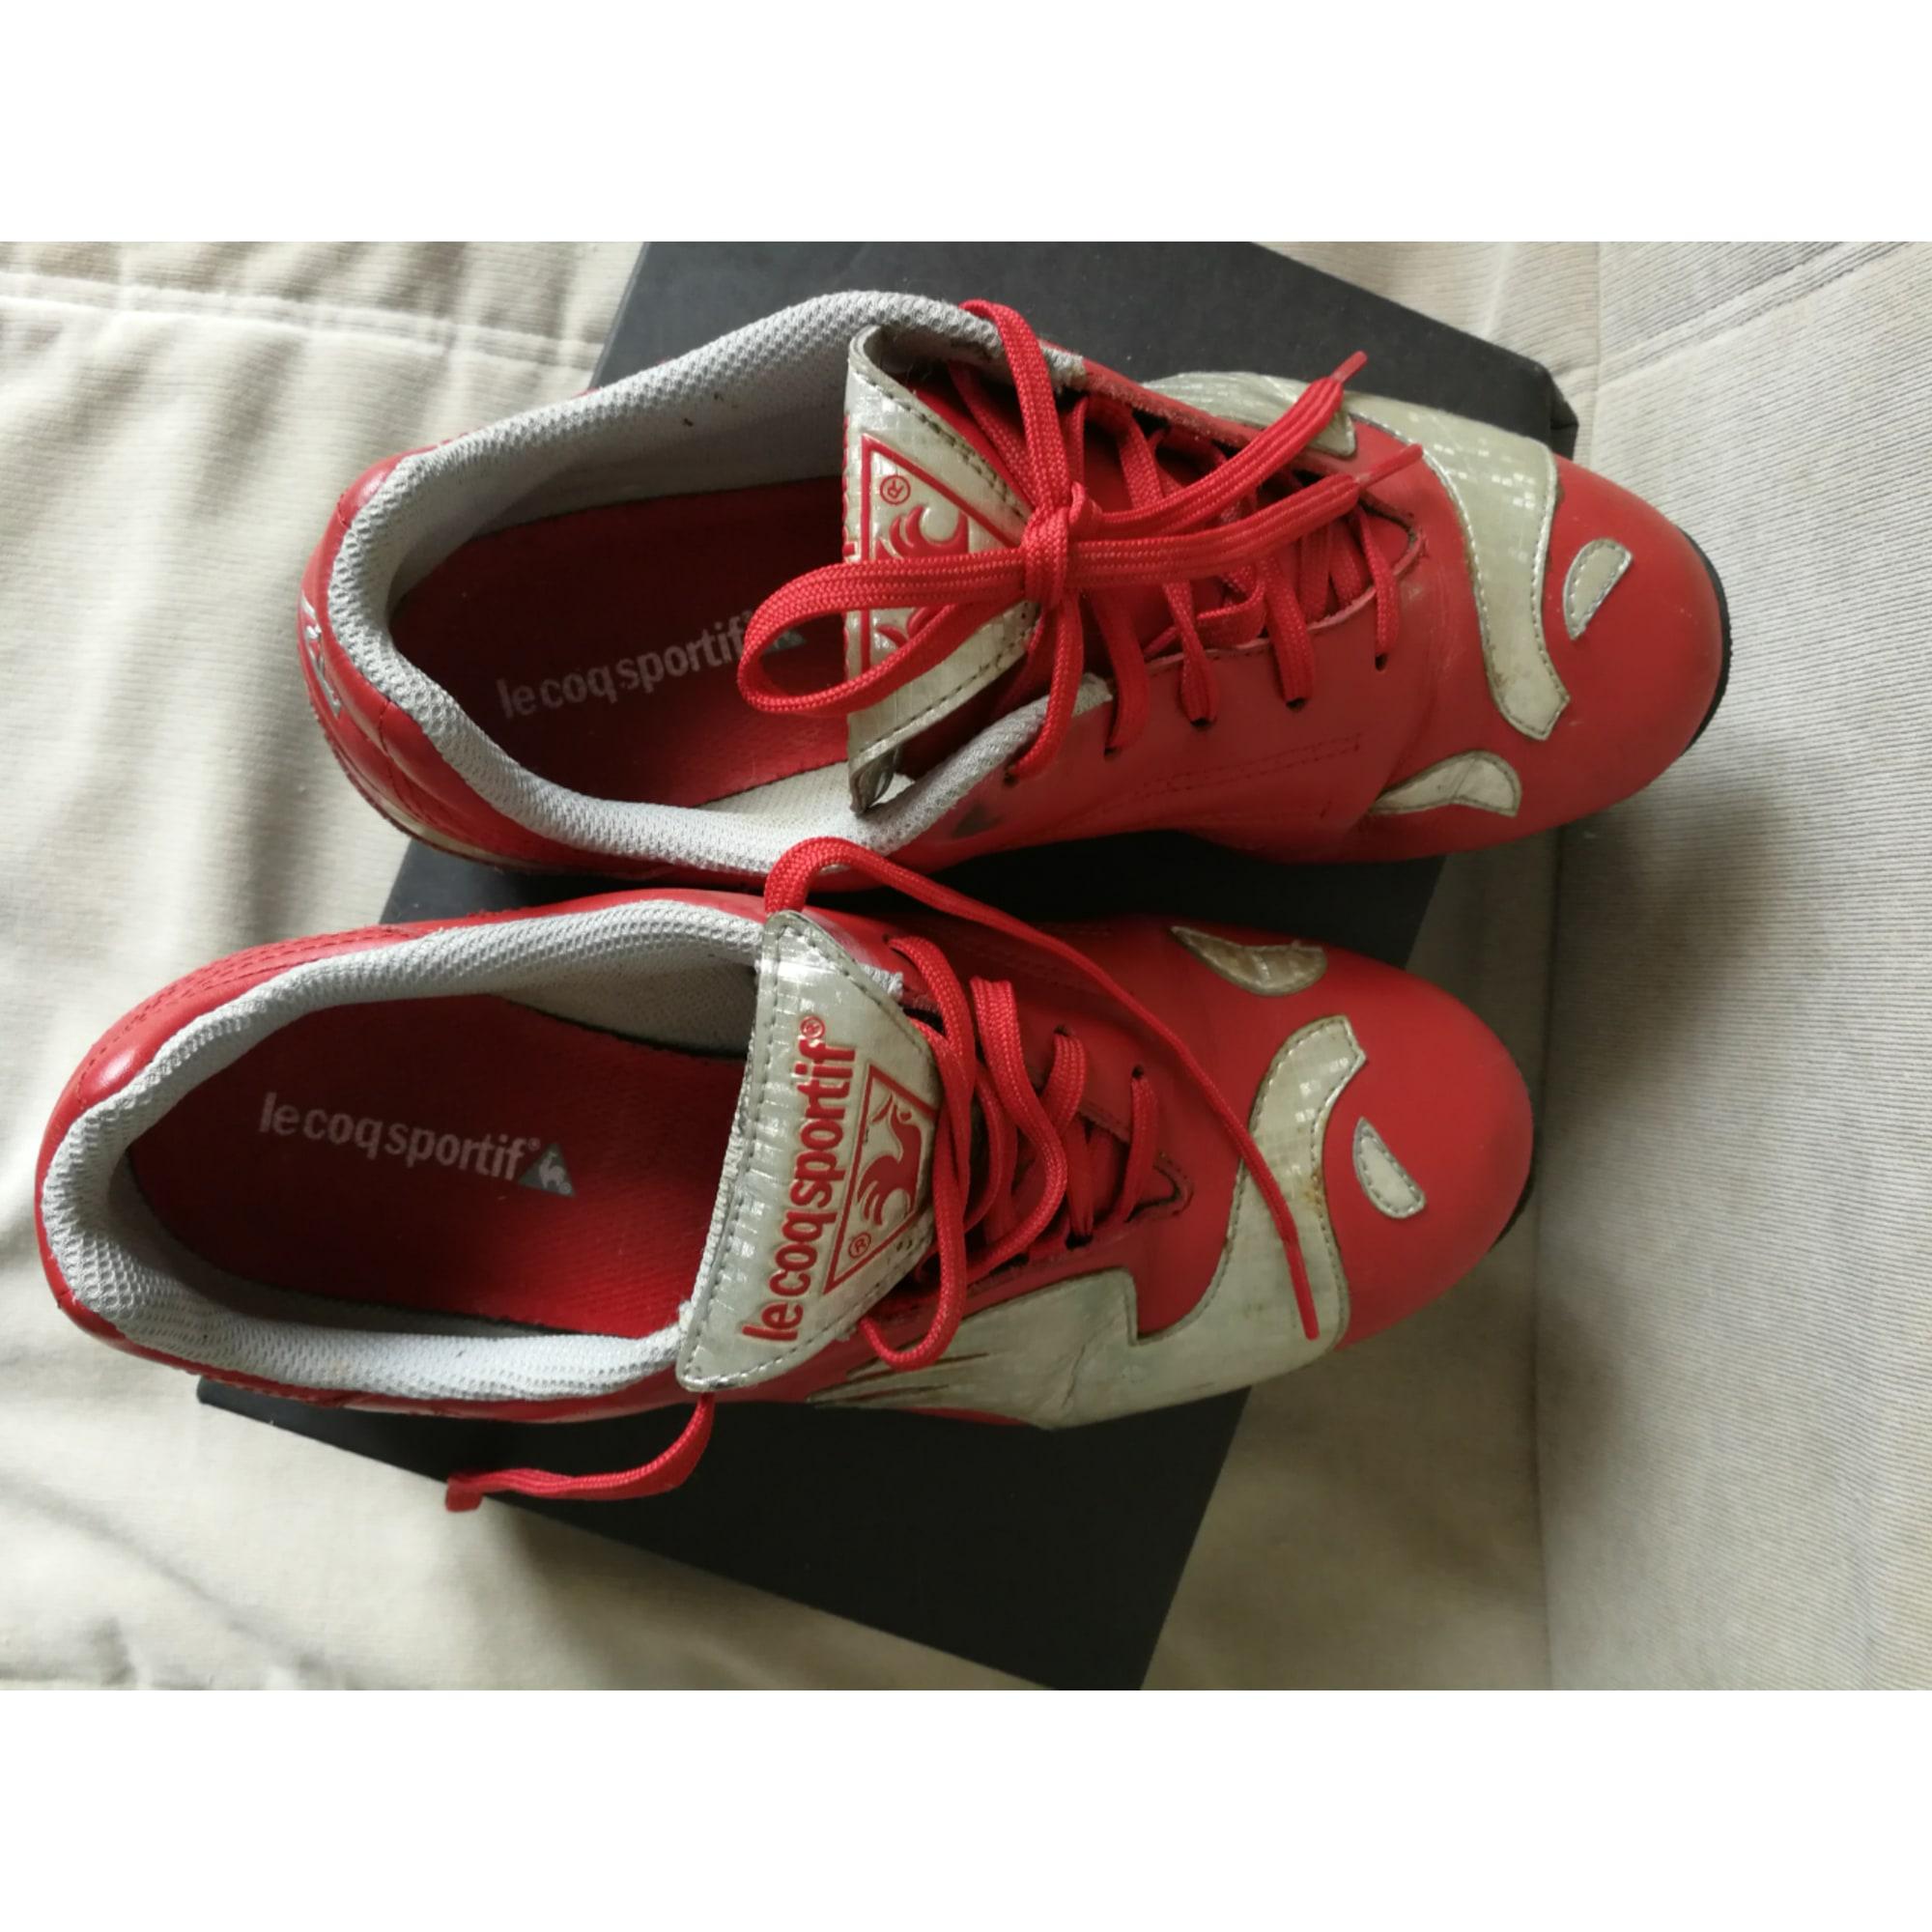 Chaussures de sport LE COQ SPORTIF Rouge, bordeaux